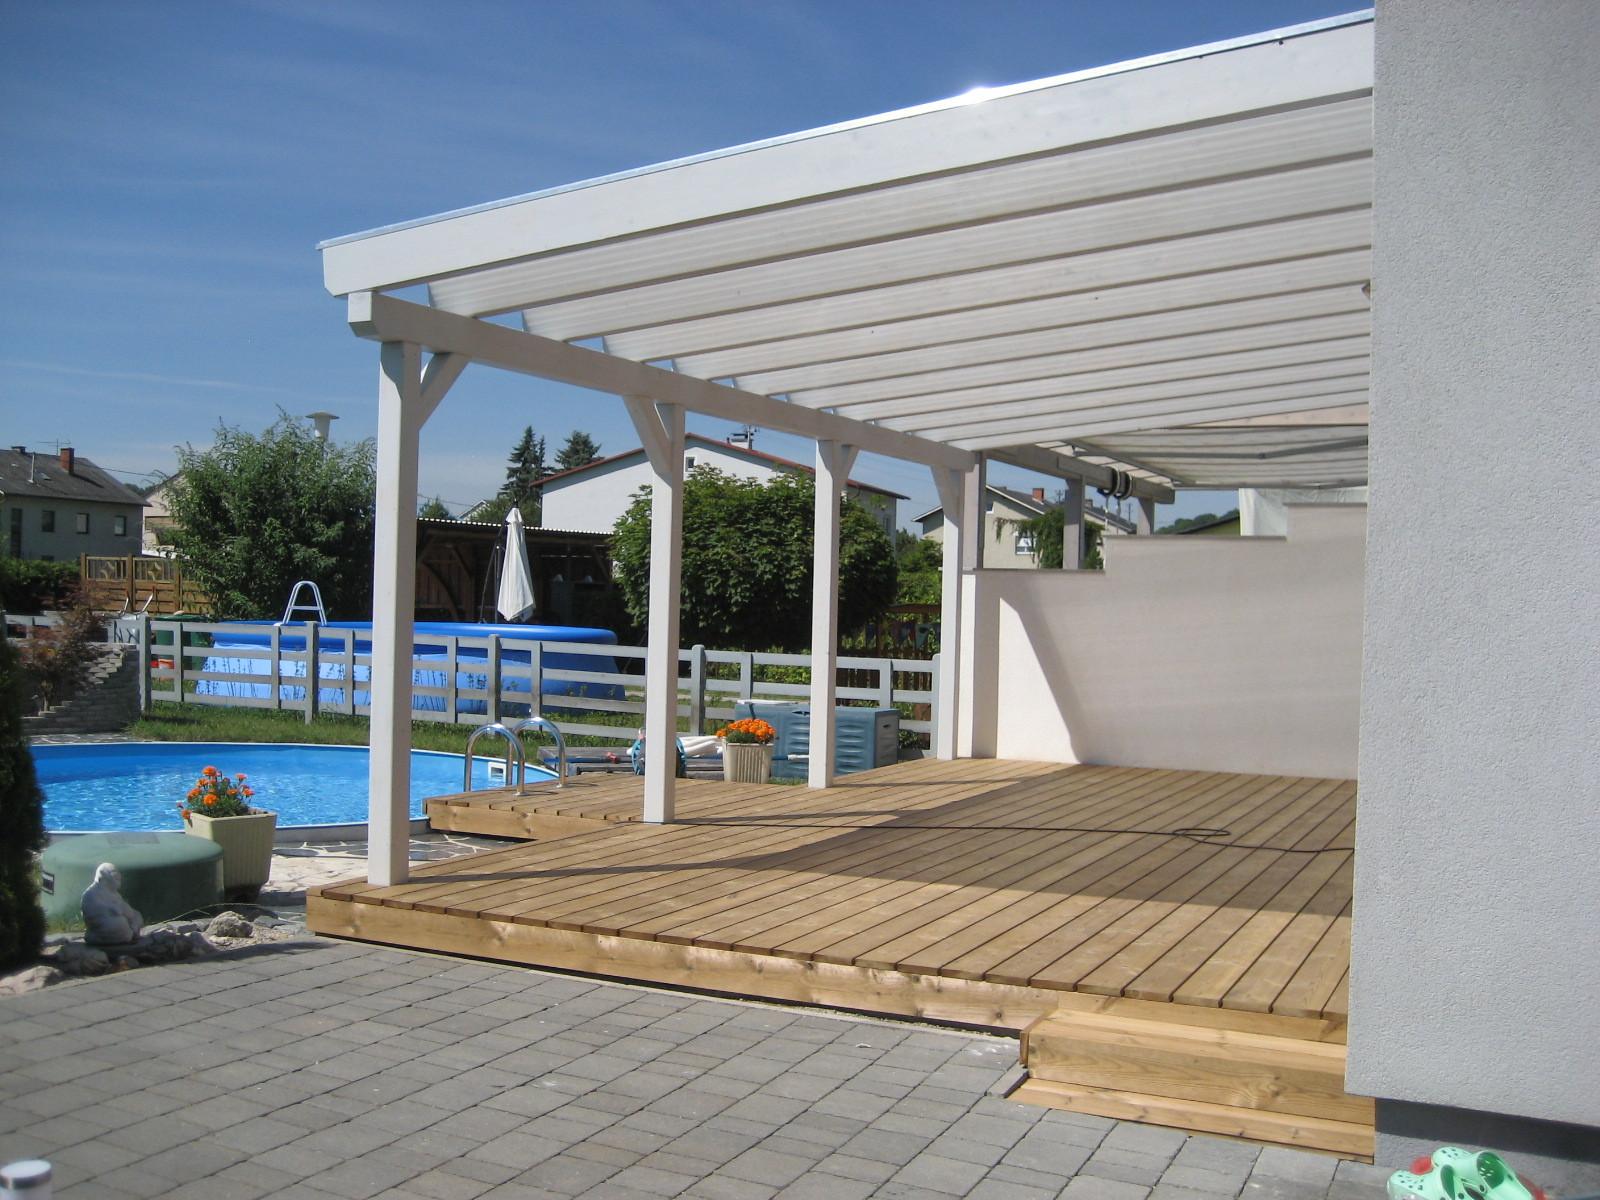 Terrasse mit Thermokiefer - Dielen